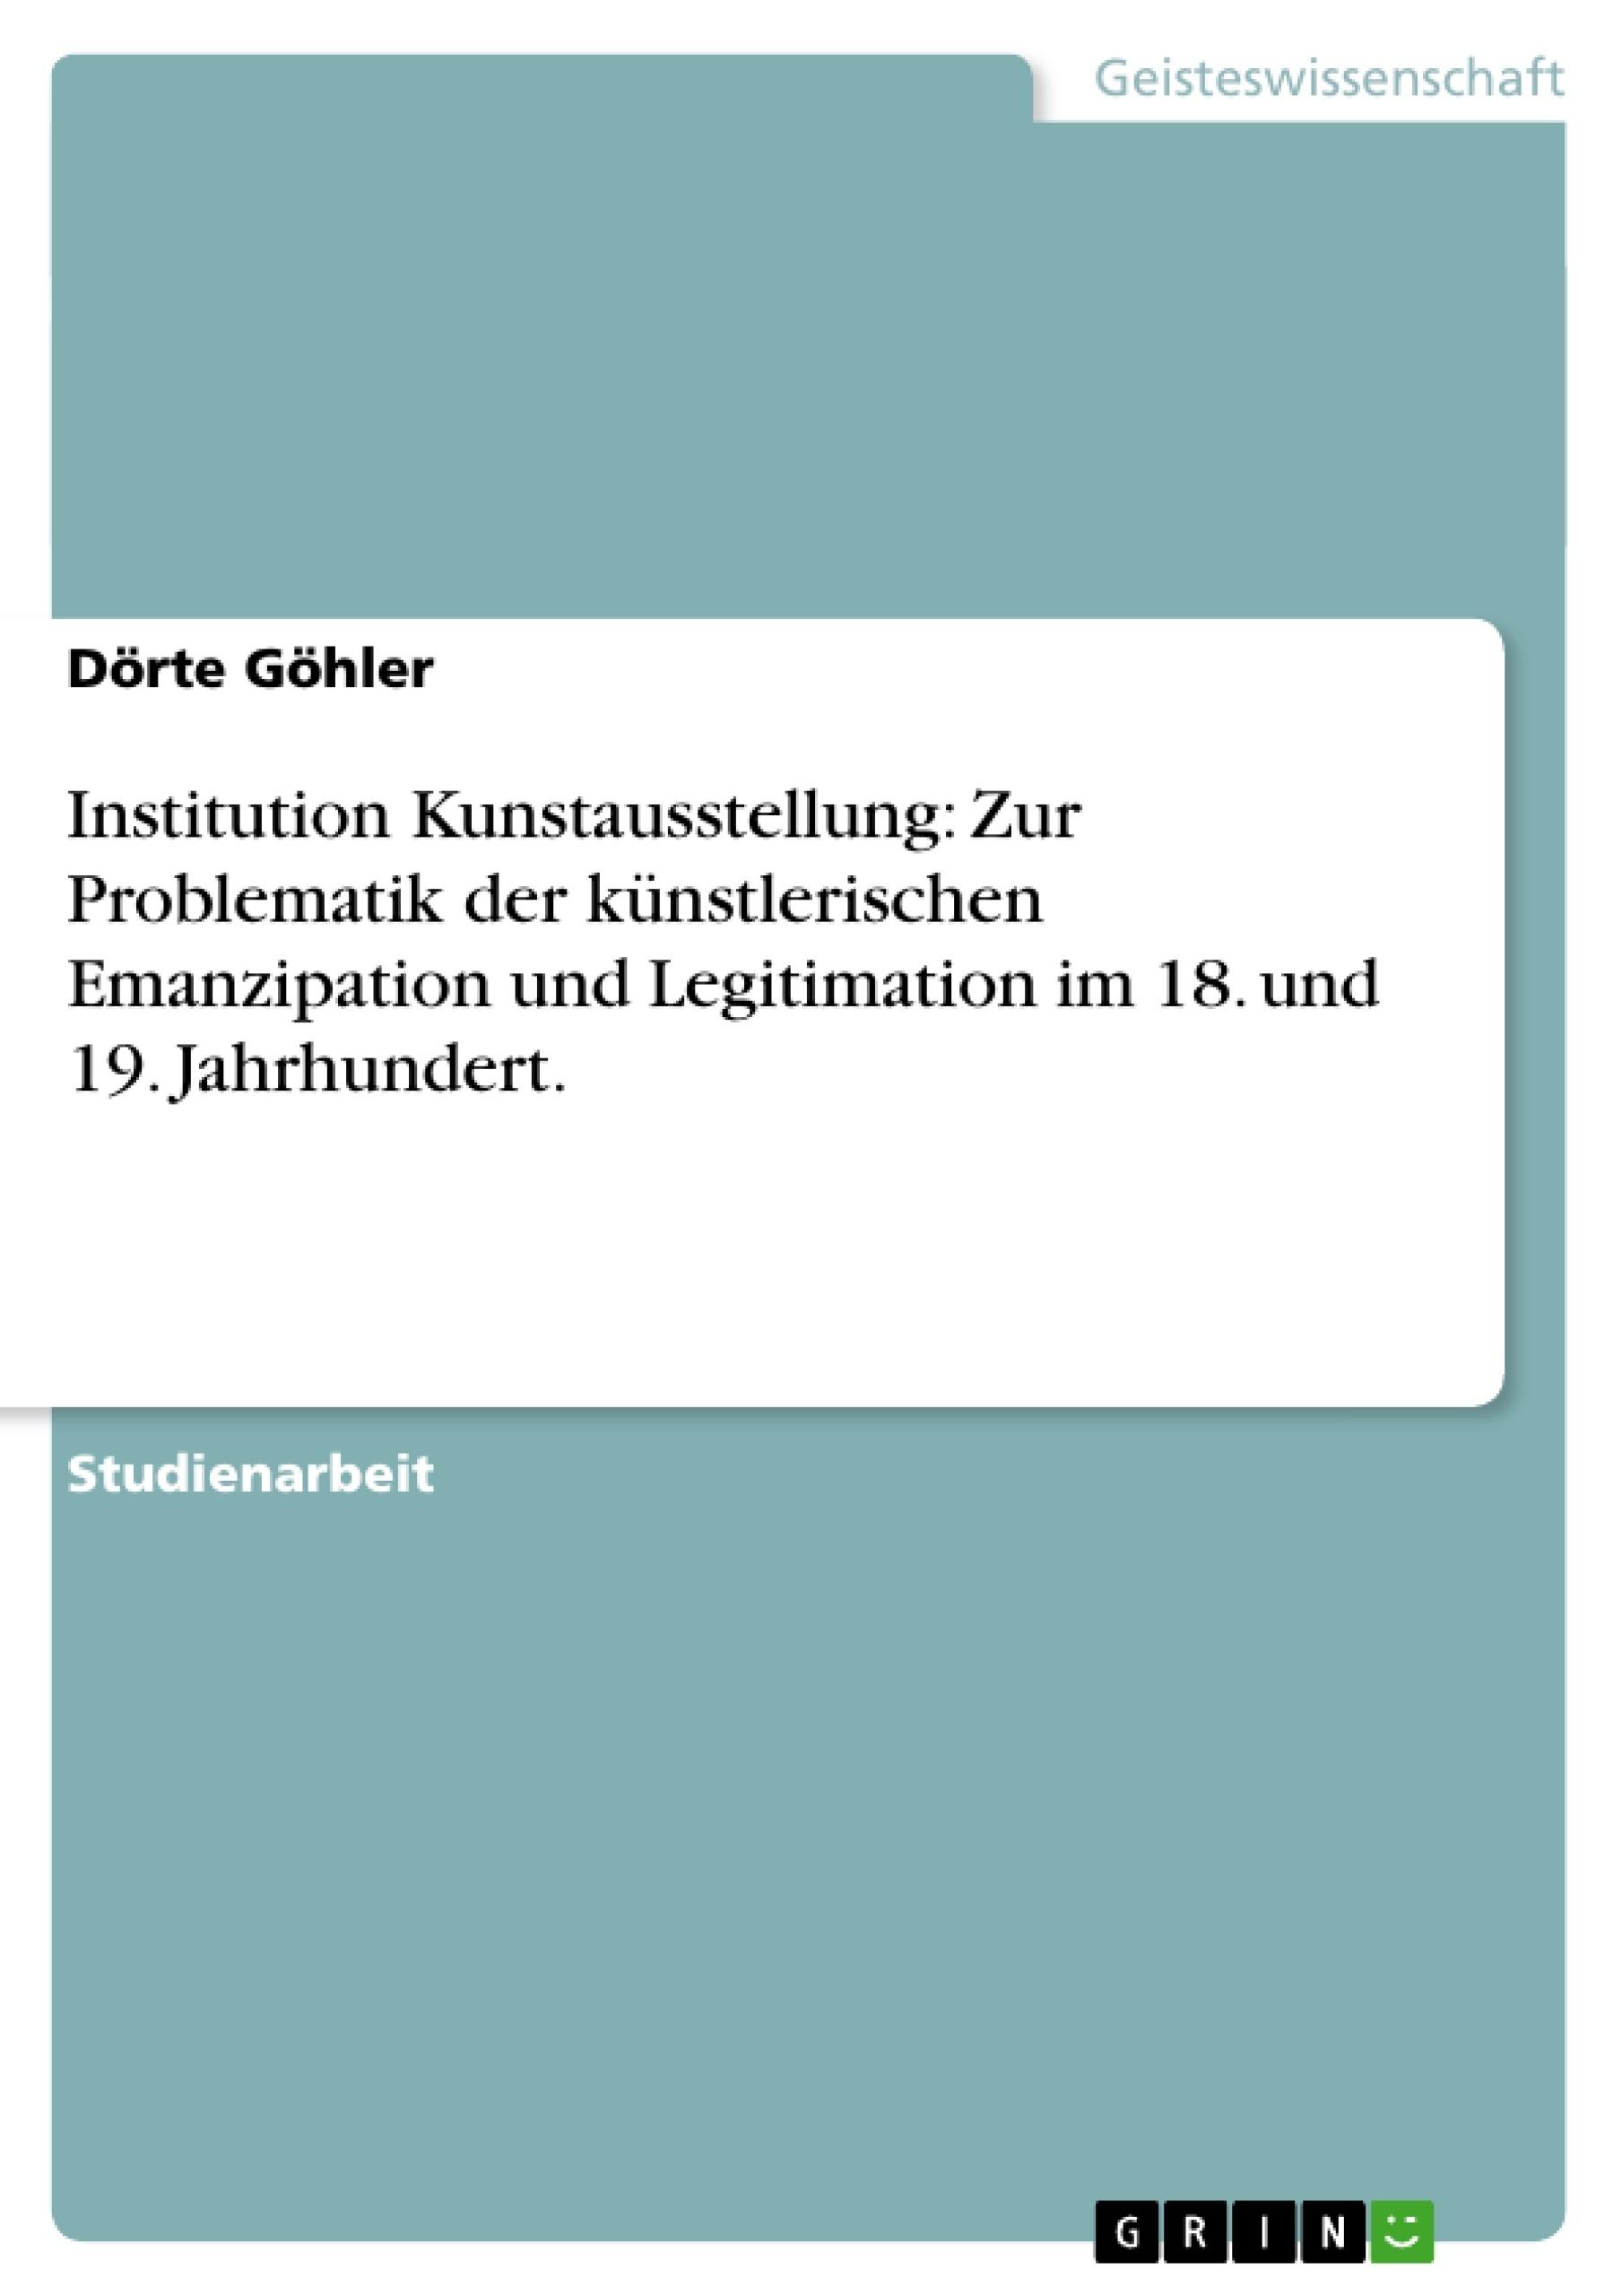 Titel: Institution Kunstausstellung: Zur Problematik der künstlerischen Emanzipation und Legitimation im 18. und 19. Jahrhundert.